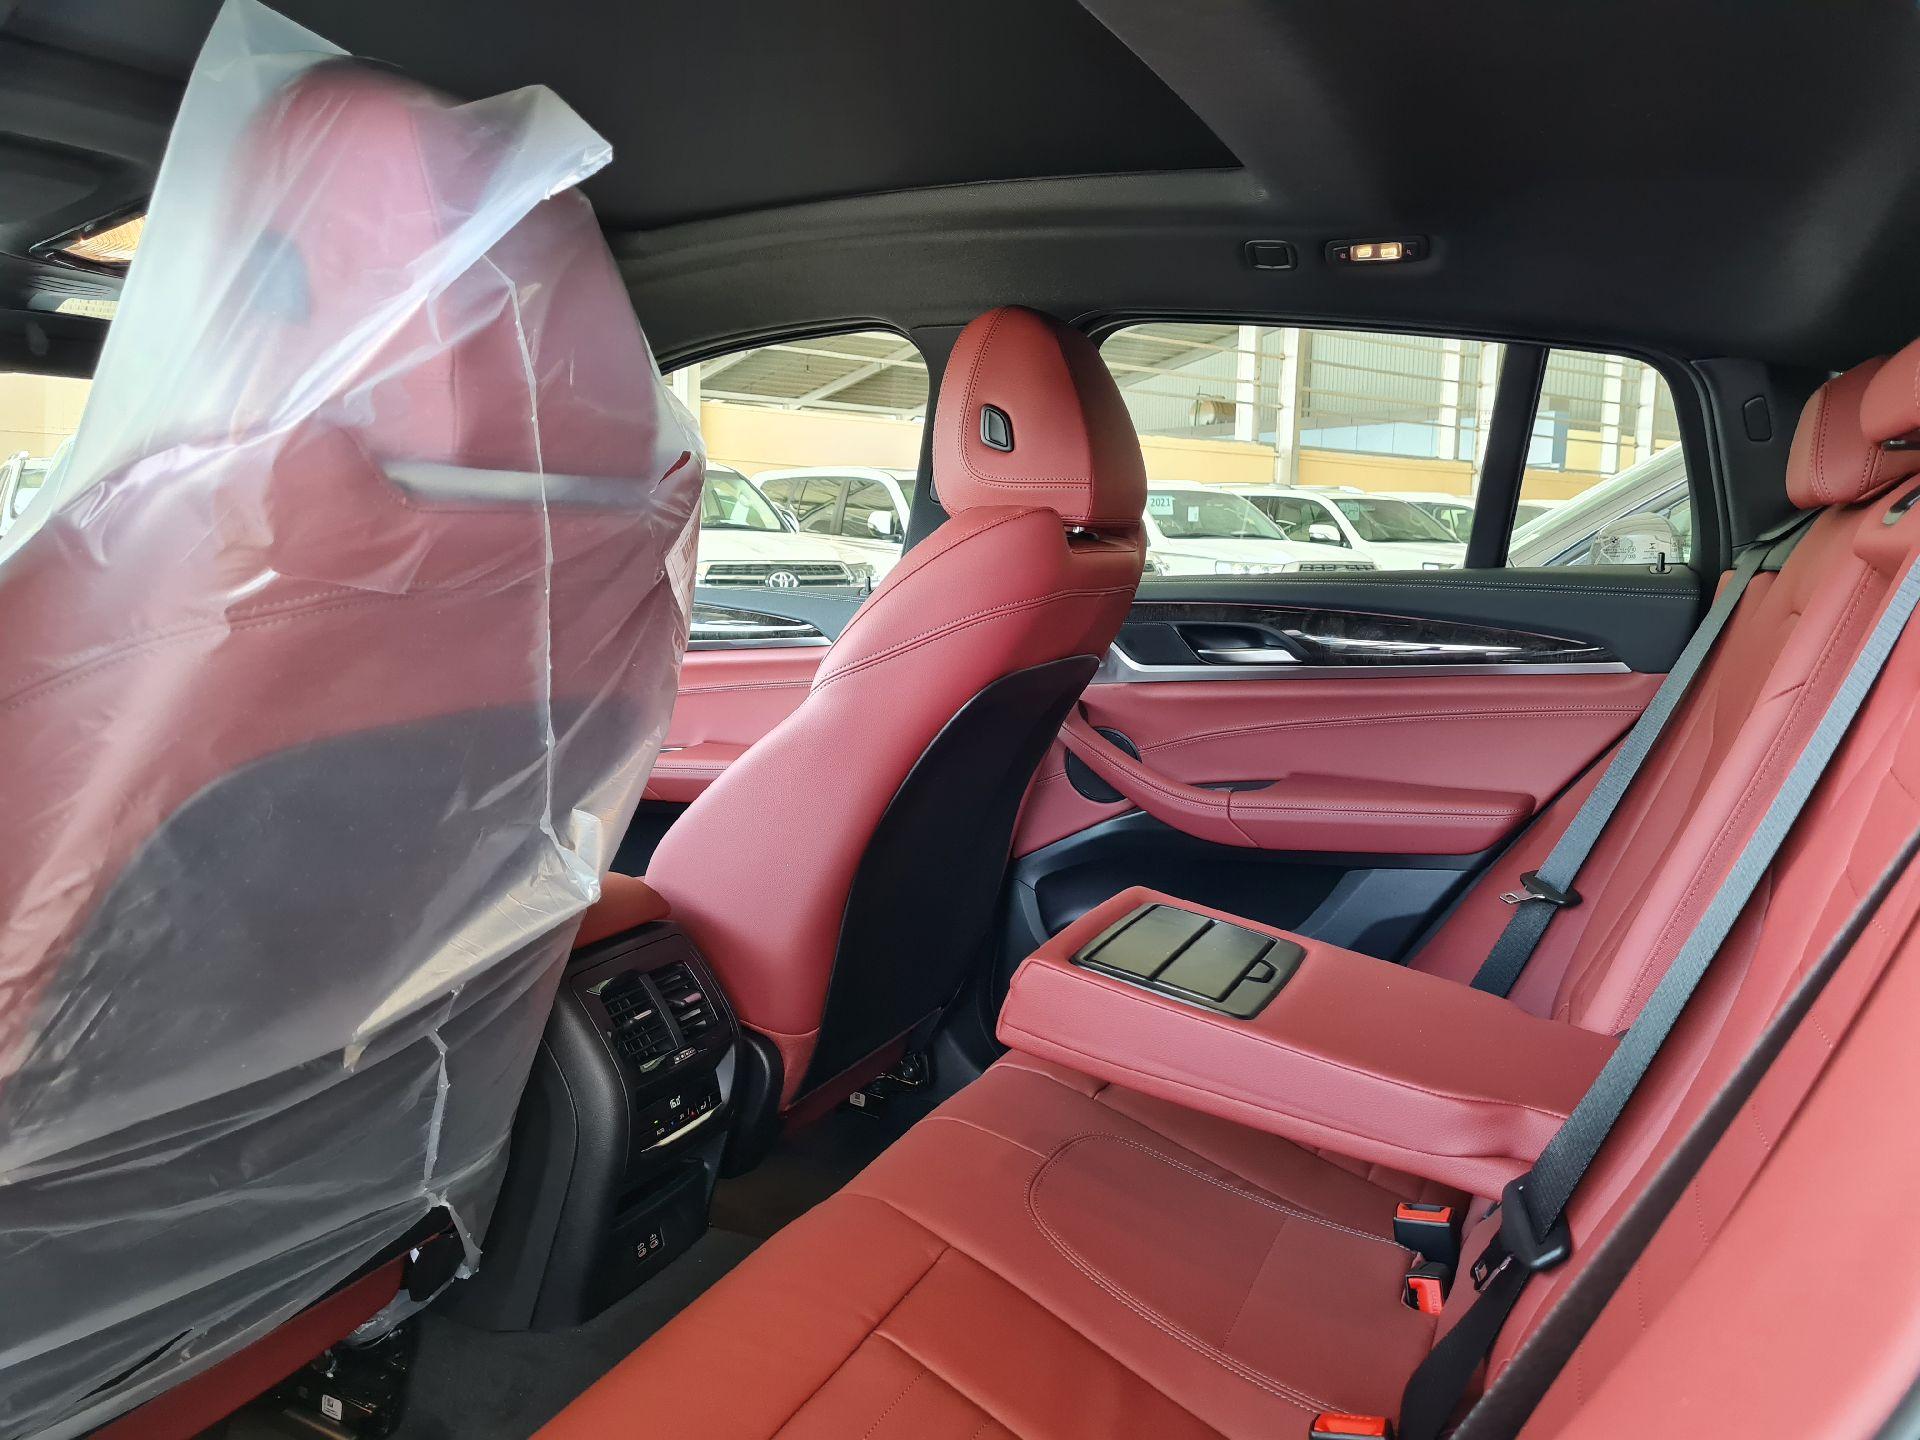 BMW الفئة X 4 xDrive 30i 2021 فل خليجي للبيع في الرياض - السعودية - صورة كبيرة - 6